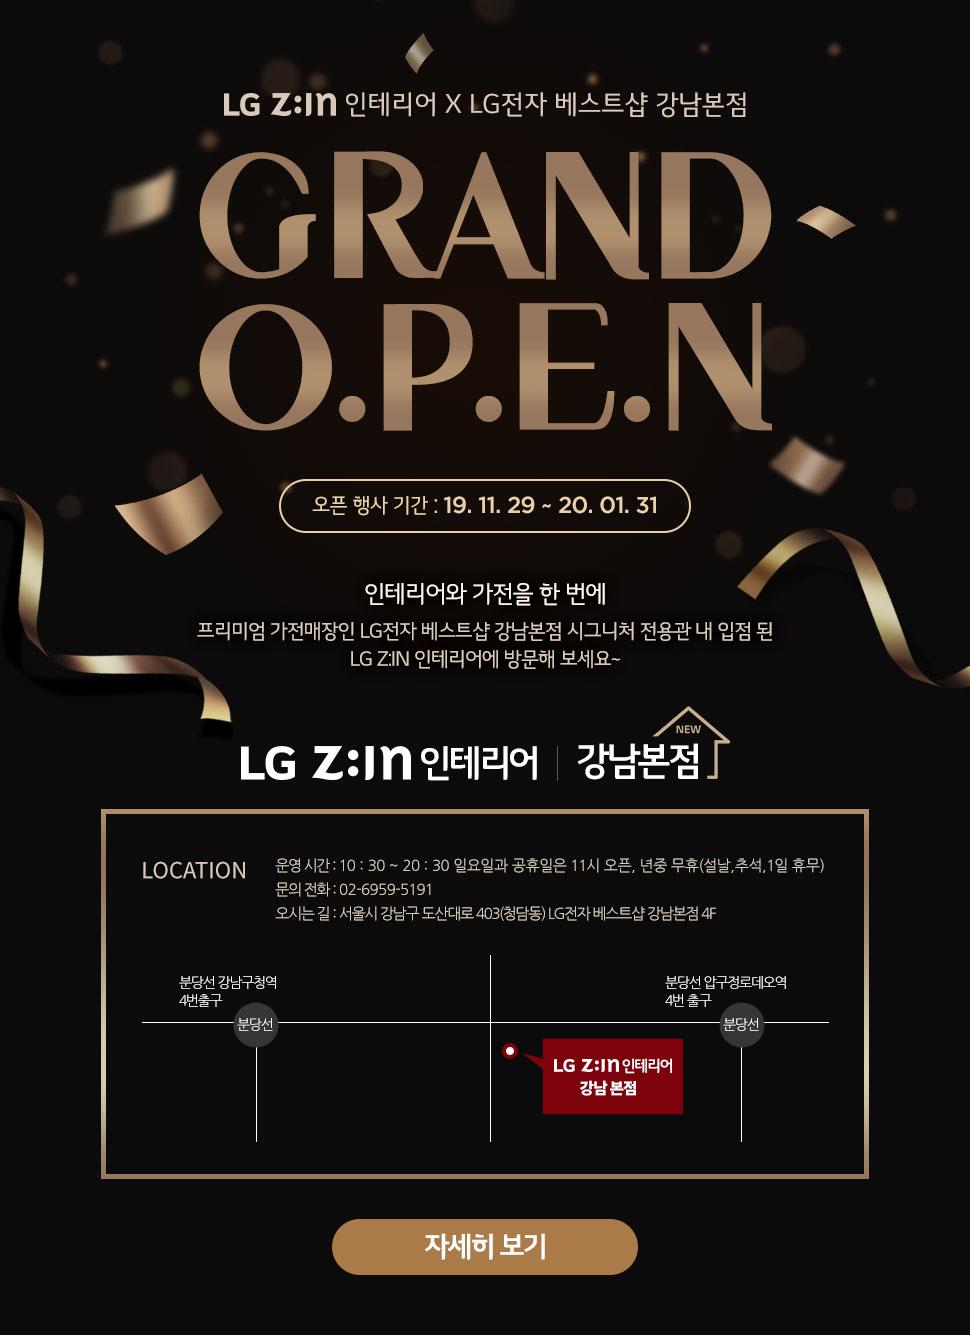 LG Z:IN 인테리어 X LG전자 베스트샵 강남본점 OPEN 오픈 행사 기간 : 19. 11. 29 ~ 20. 01. 31